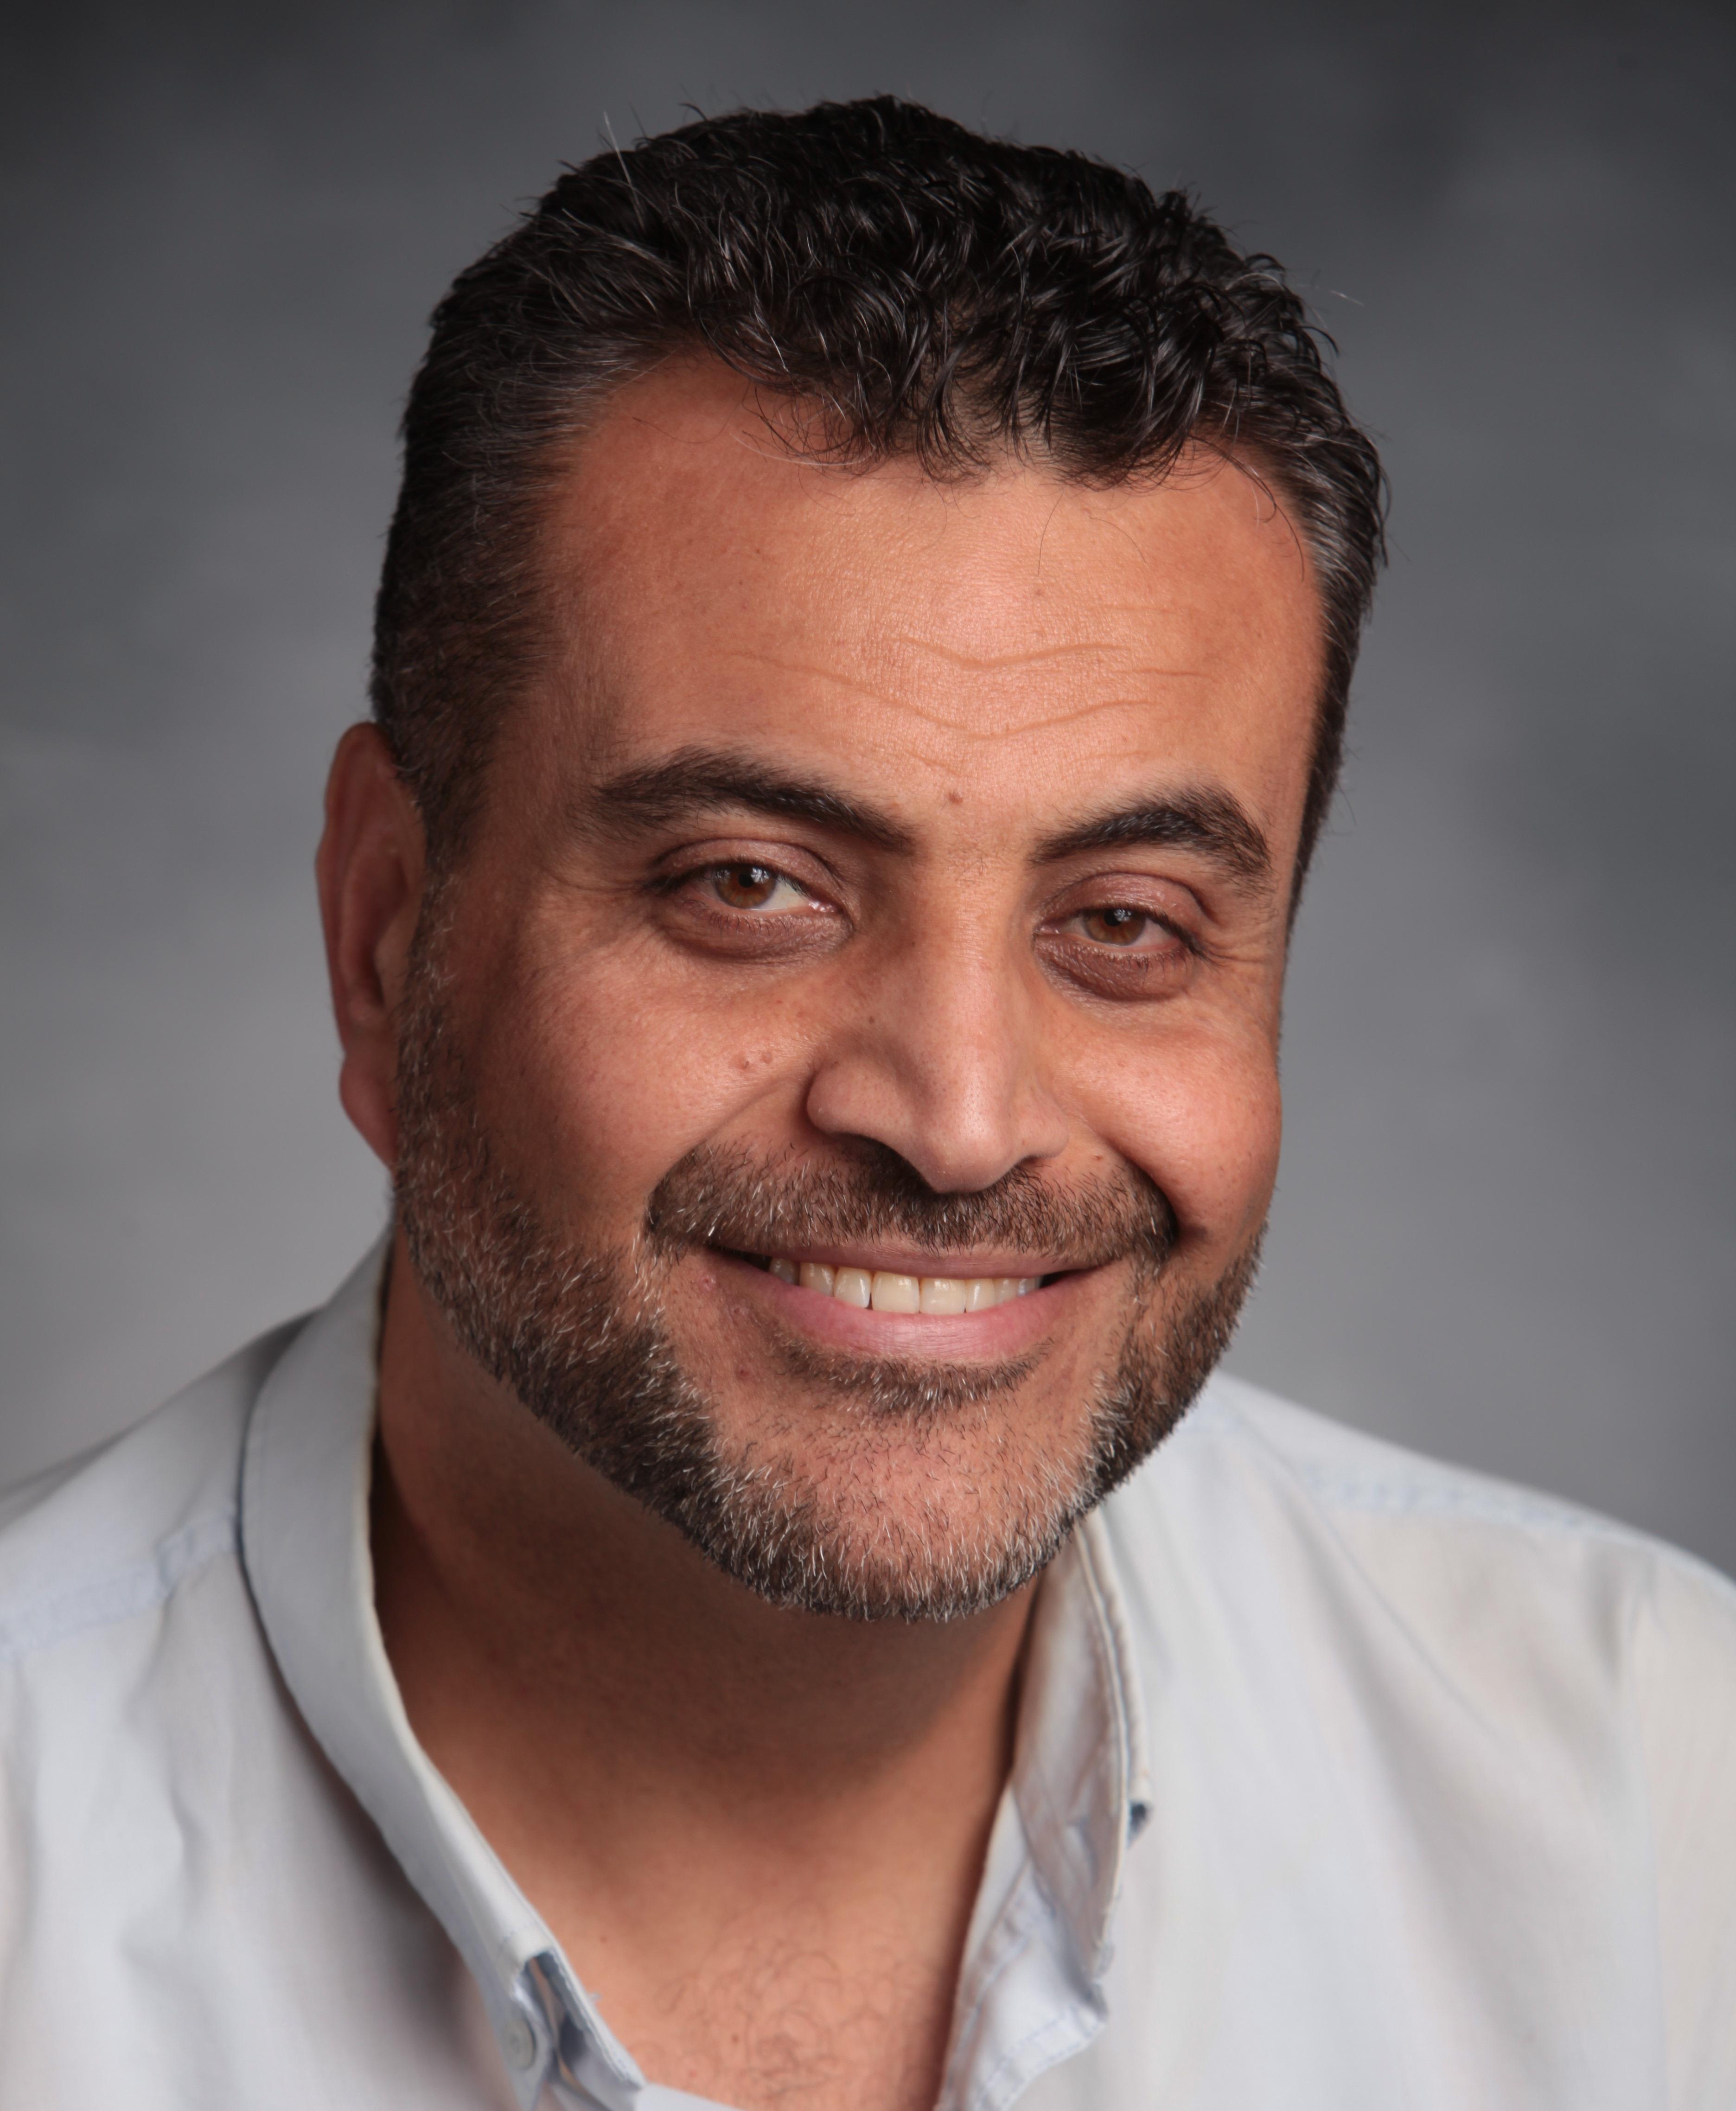 Jehad Adwan